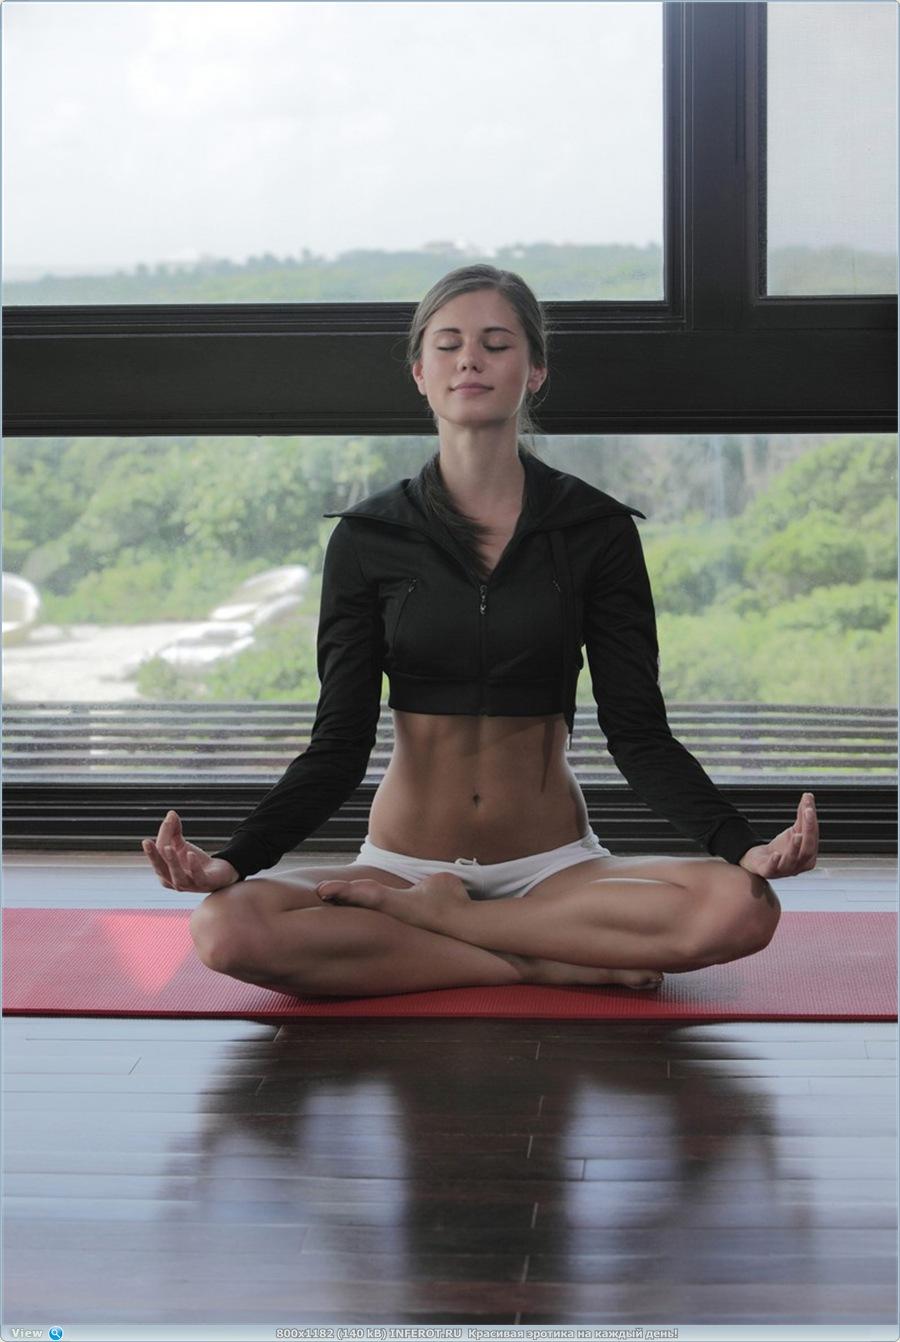 Утренняя йога (15 фото)